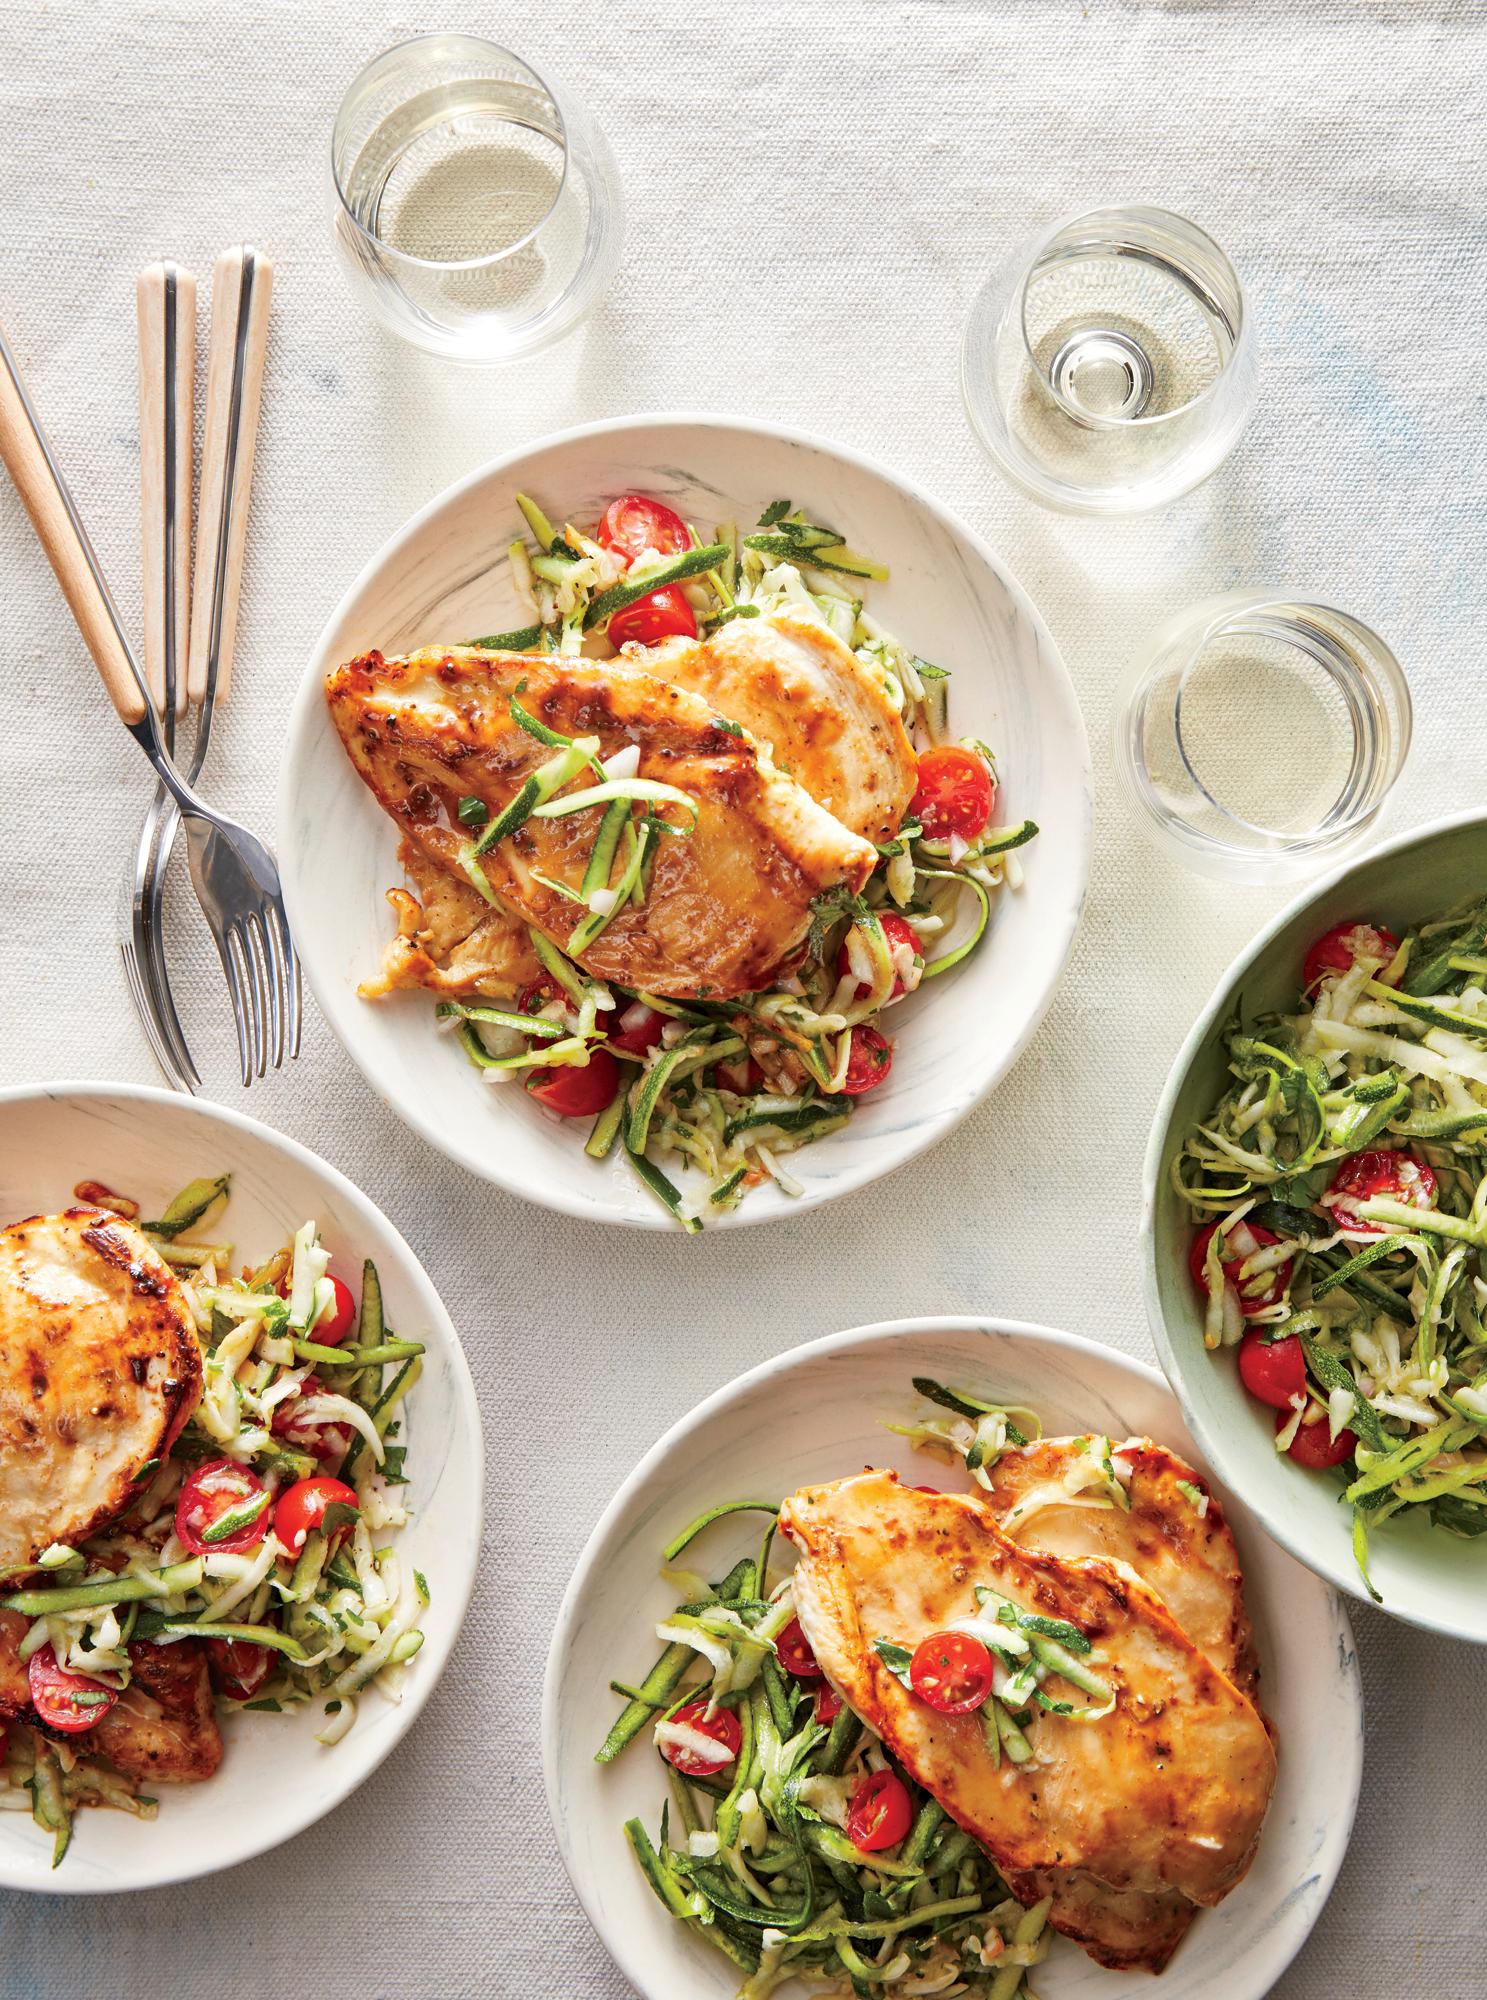 Honey-Dijon Chicken Paillards with Zucchini Slaw